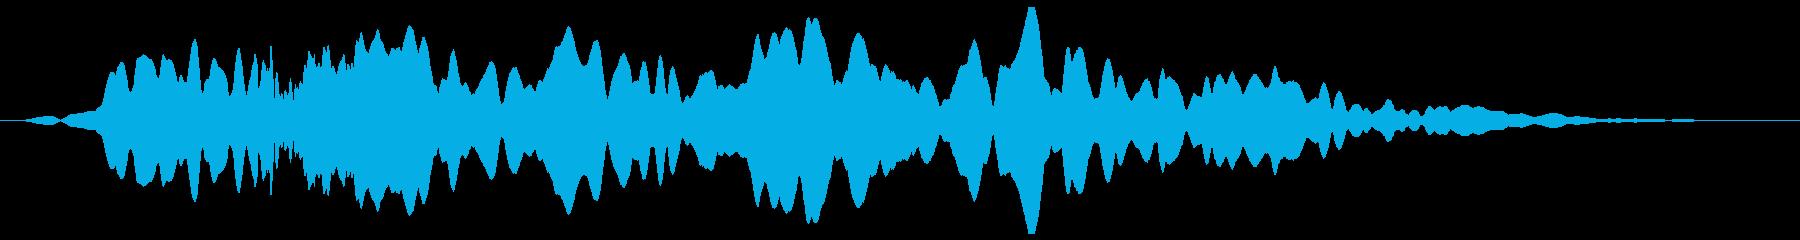 ヒュ〜ウ〜ン・・・(不気味な効果音)の再生済みの波形